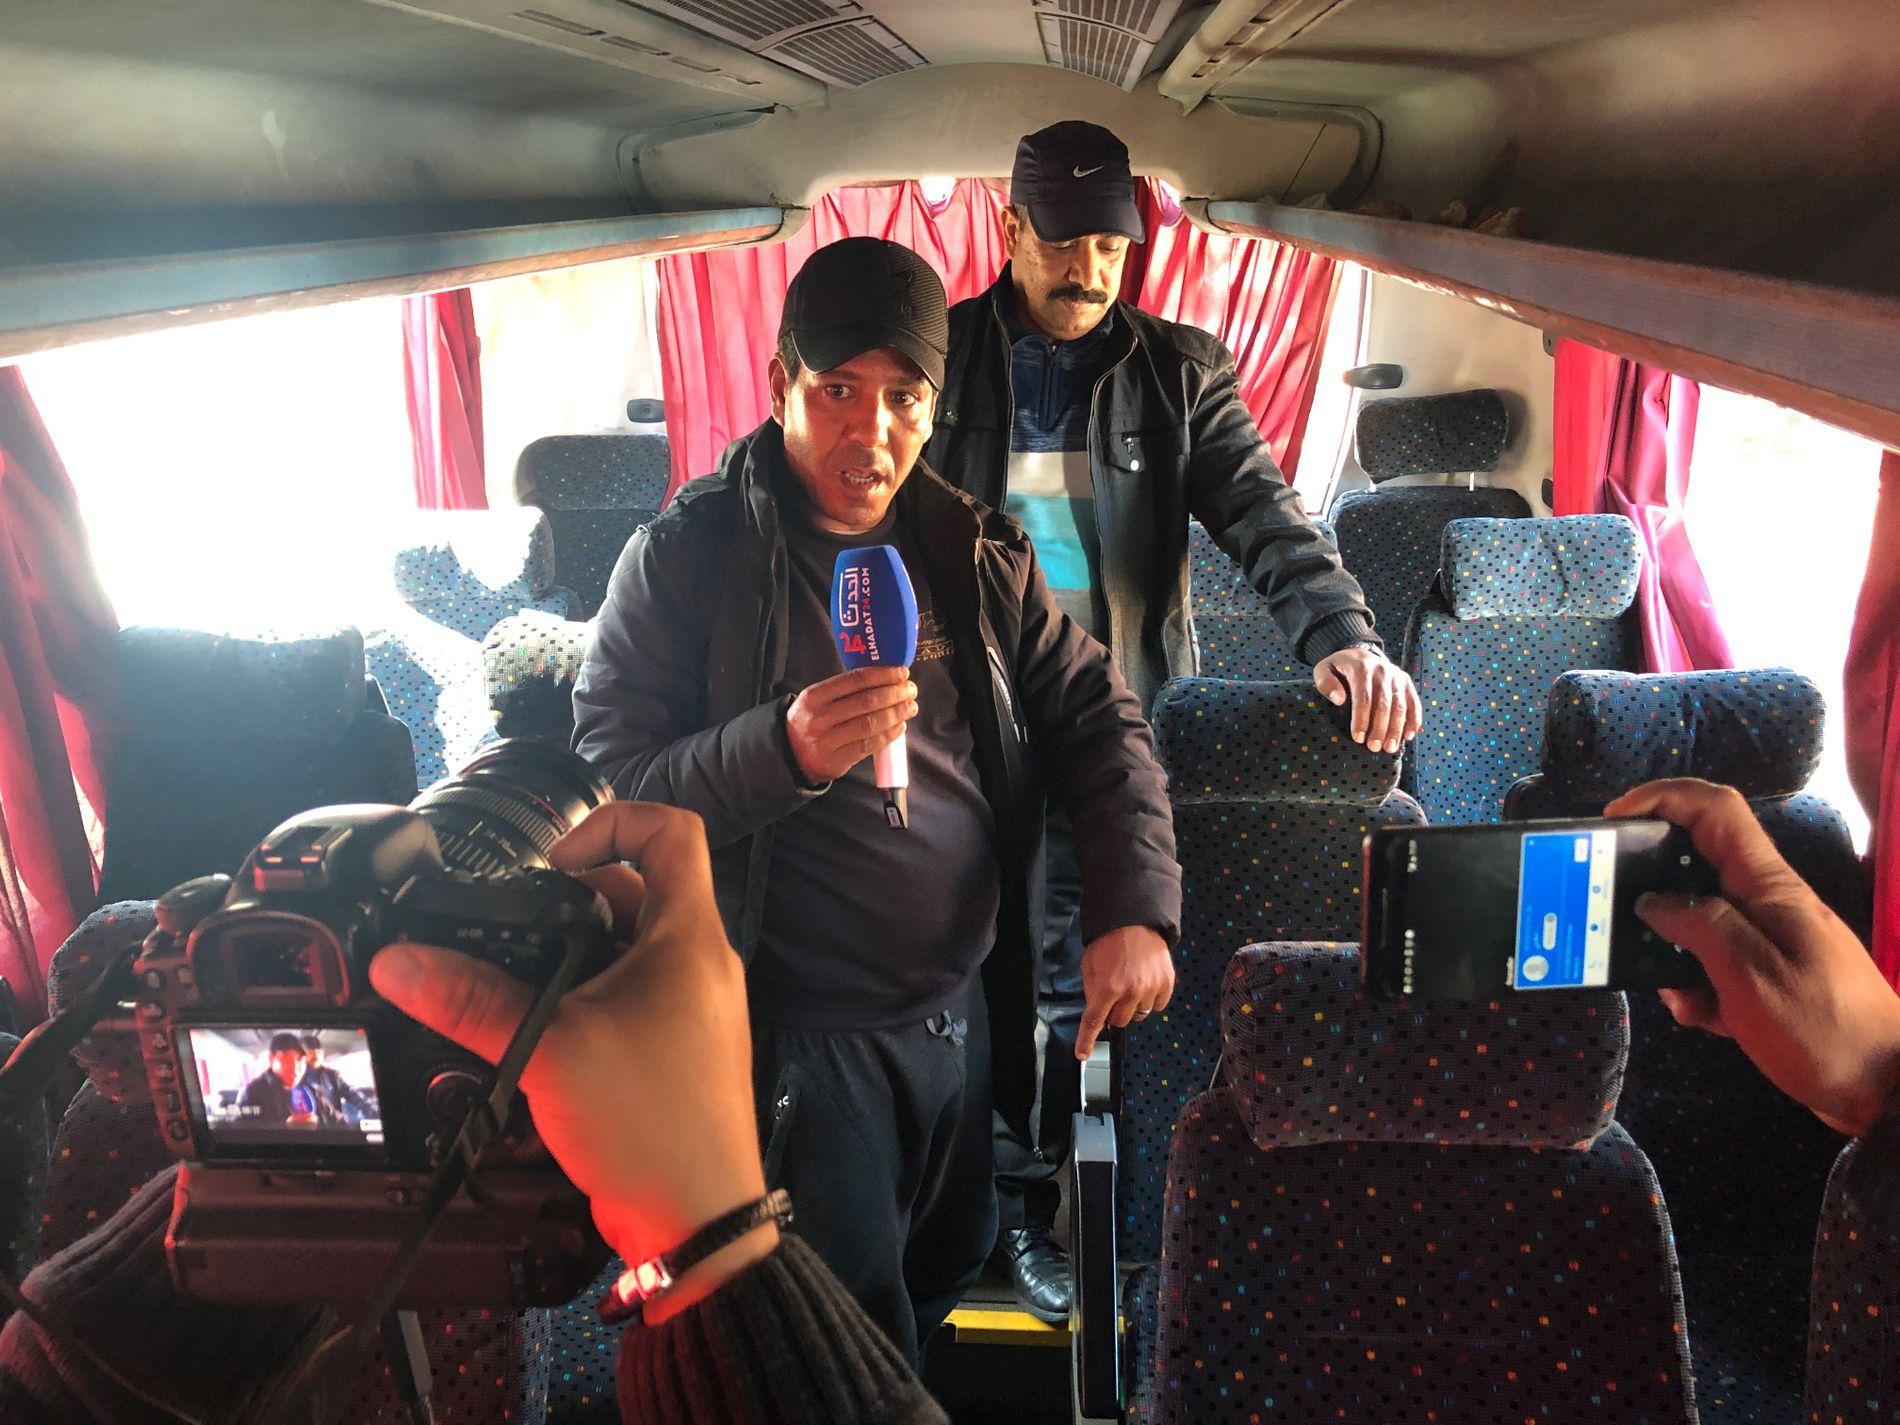 ARRESTERT: Bussen fra Marrakech til Agadir hvor de tiltalte ble arrestert. Mannen midt på bildet er bussjåføren Mellouk Salah (53).